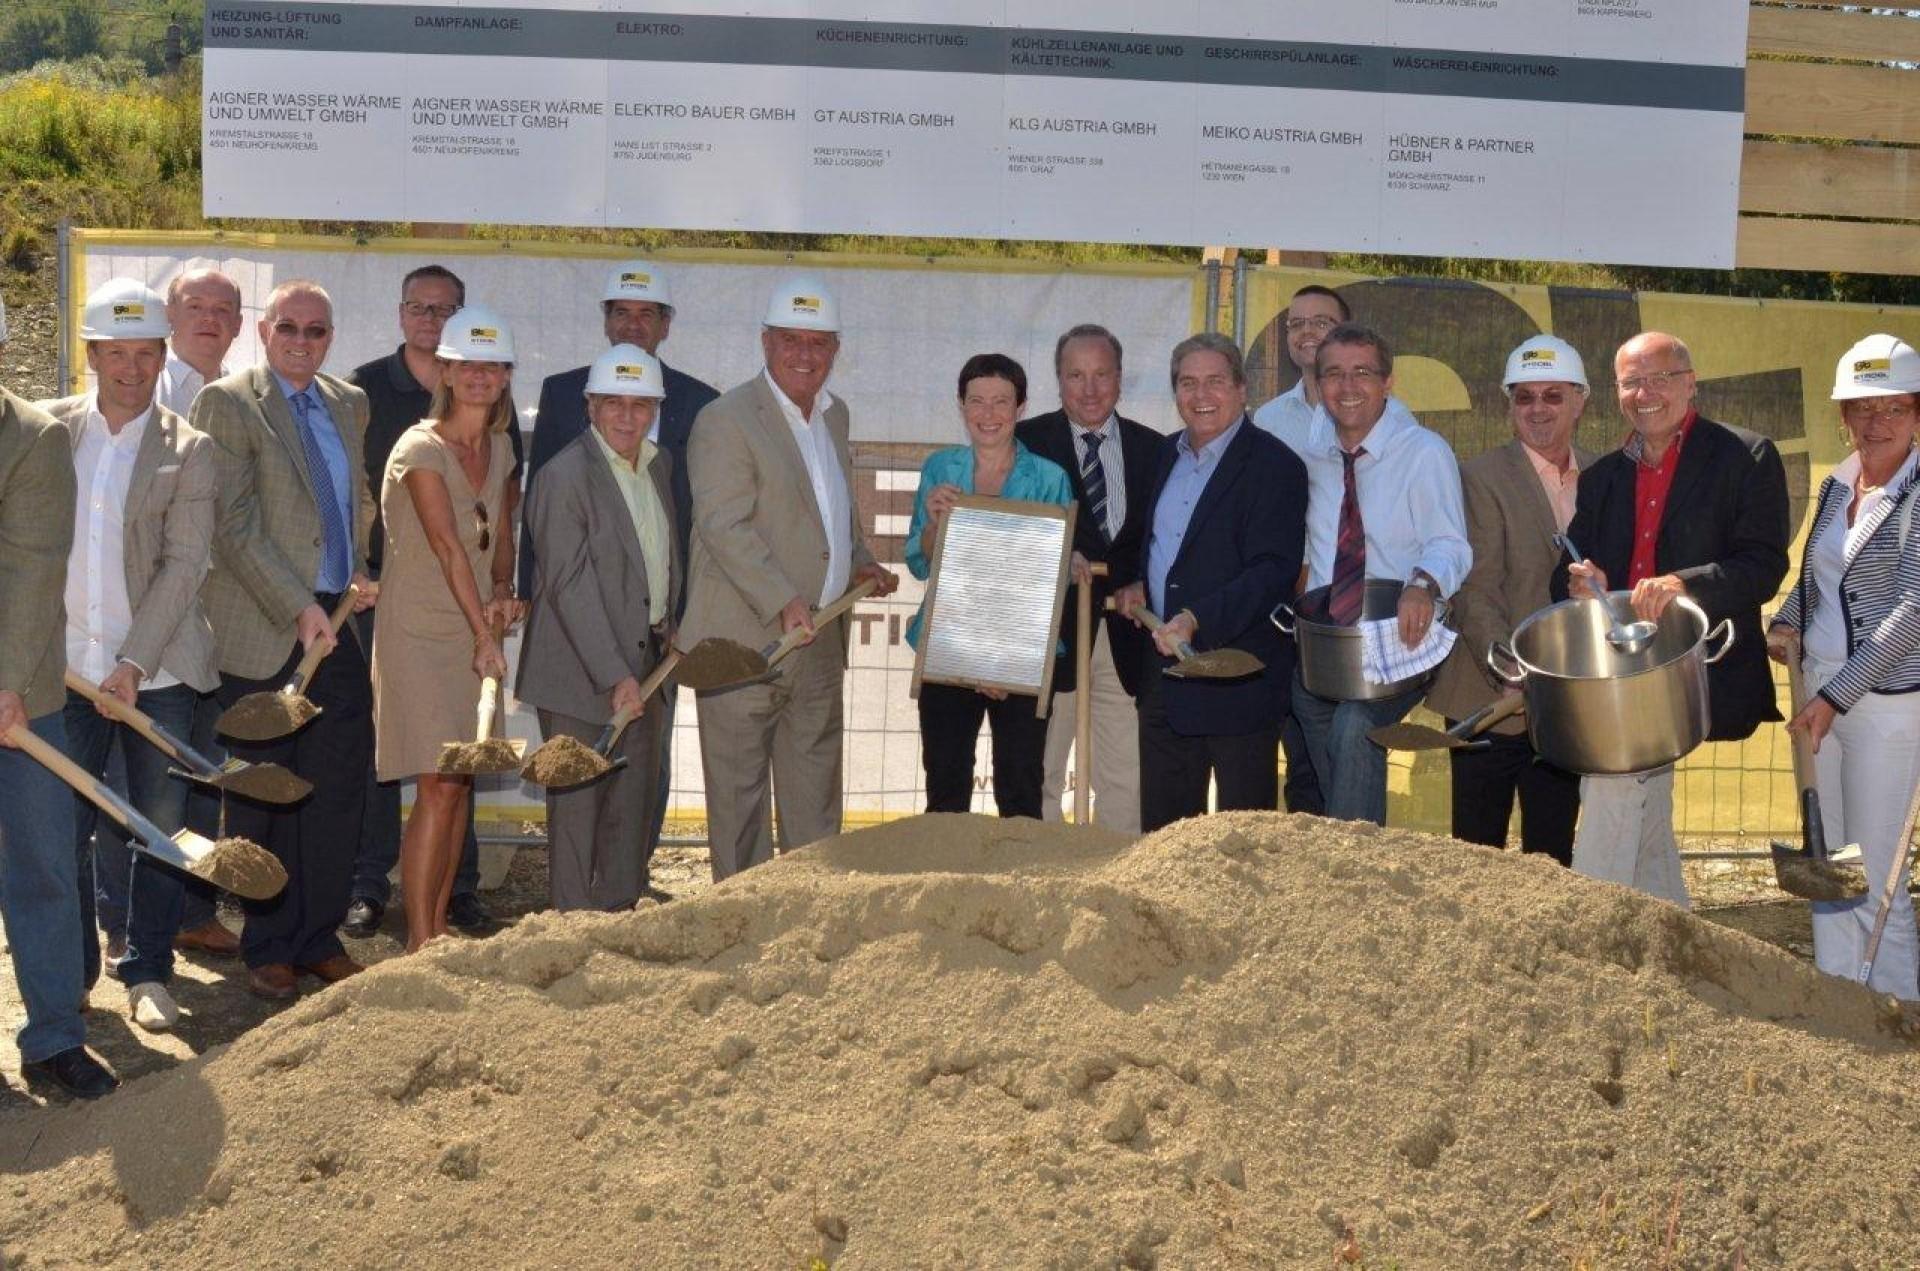 Logistikcenter des SHV Bruck/Mur:  Eine Investition in die Zukunft der Region!